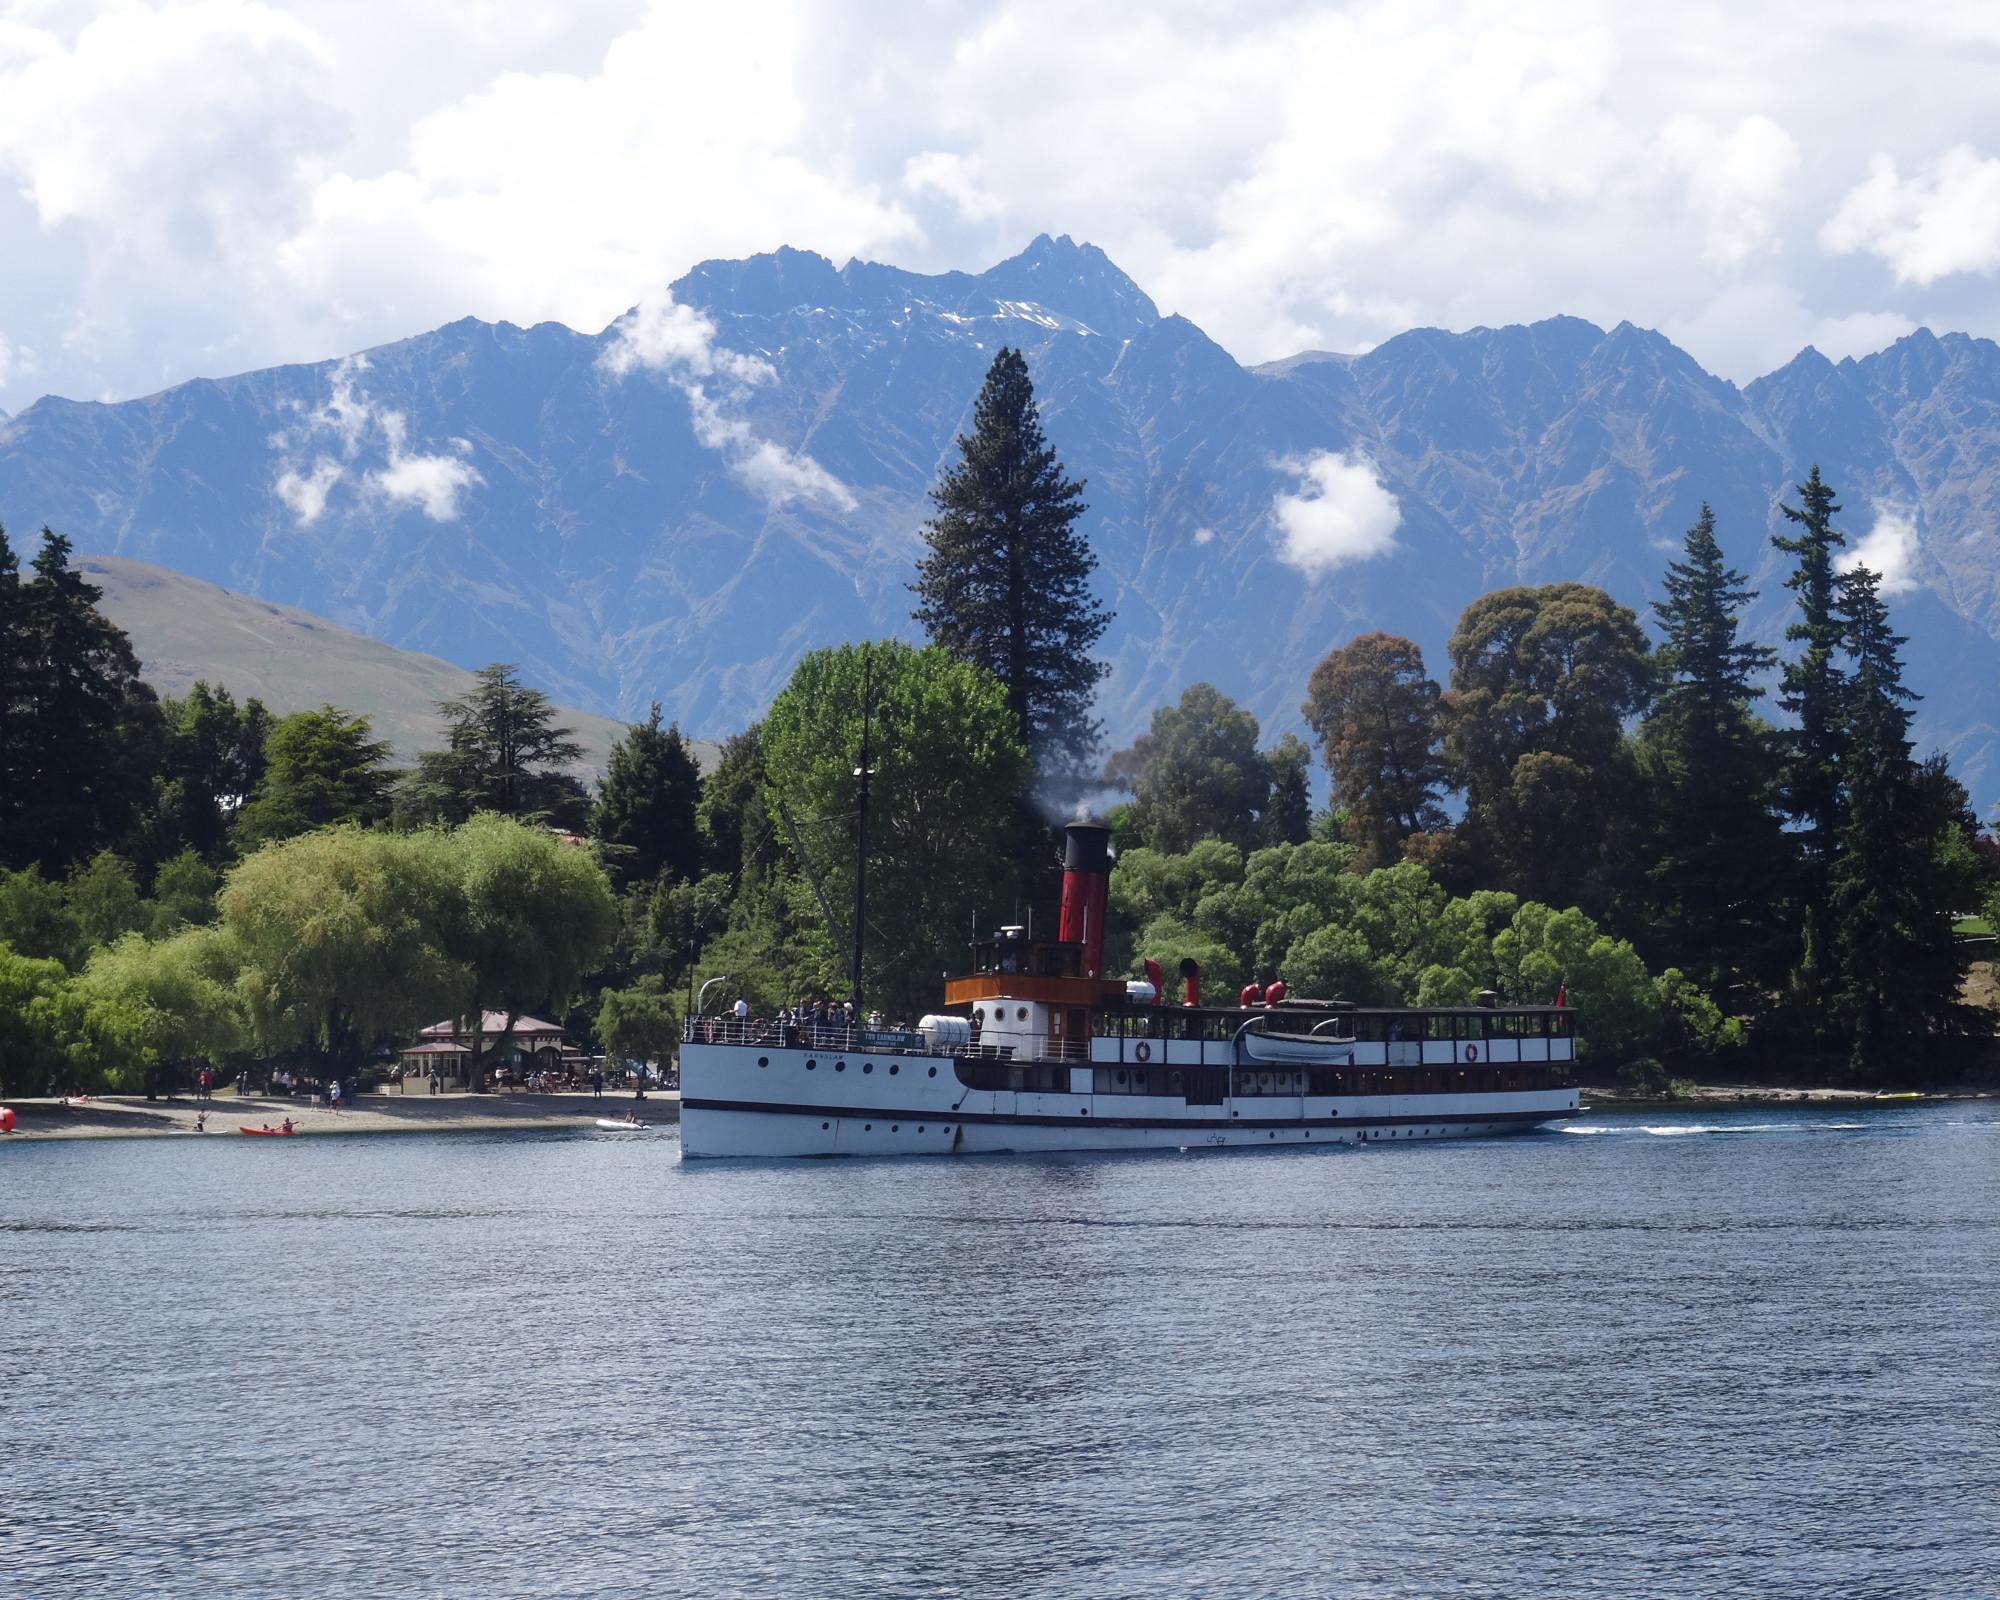 Photo 1: Queenstown, Nouvelle-Zélande, la St-Moritz des antipodes